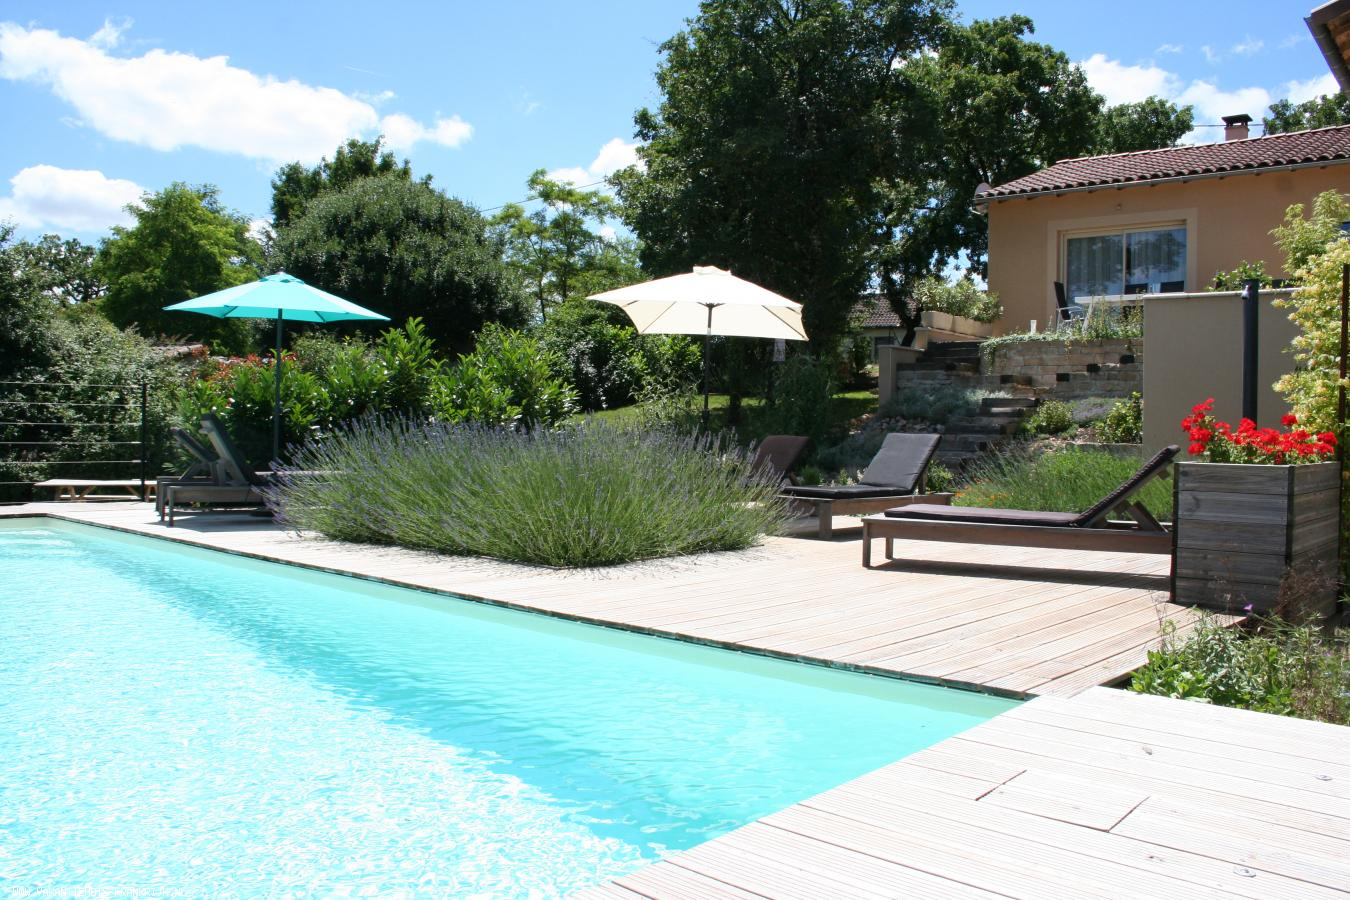 Vakantiehuis: Vakantiehuis met geweldig uitzicht en privé zwembad van 9x4m. te huur voor uw vakantie in Lot (Frankrijk)